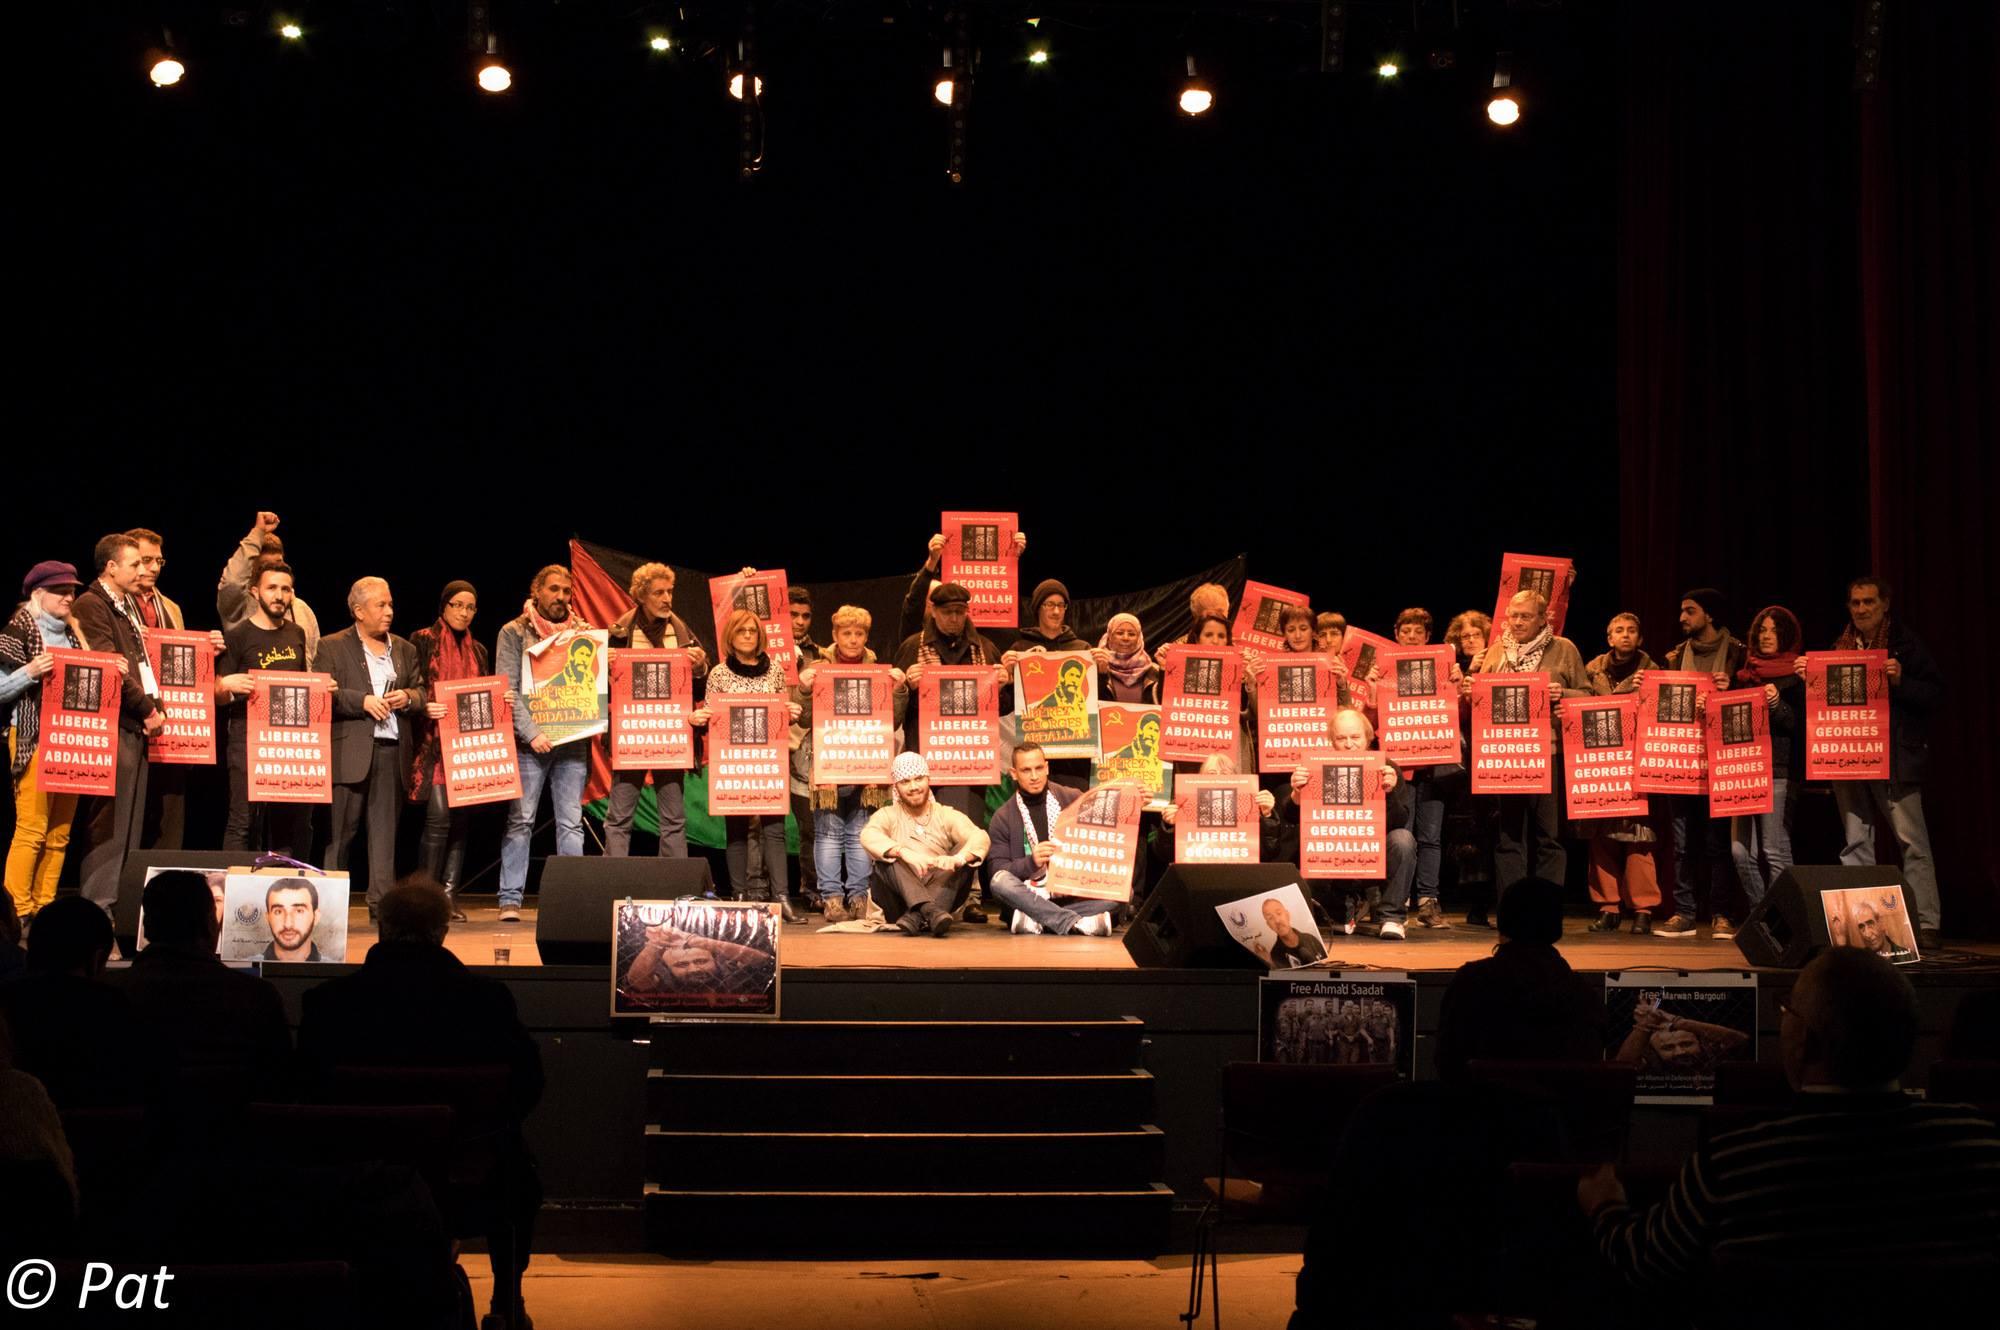 Des participants à la journée avec des affiches appelant à la libération de Georges Abdallah